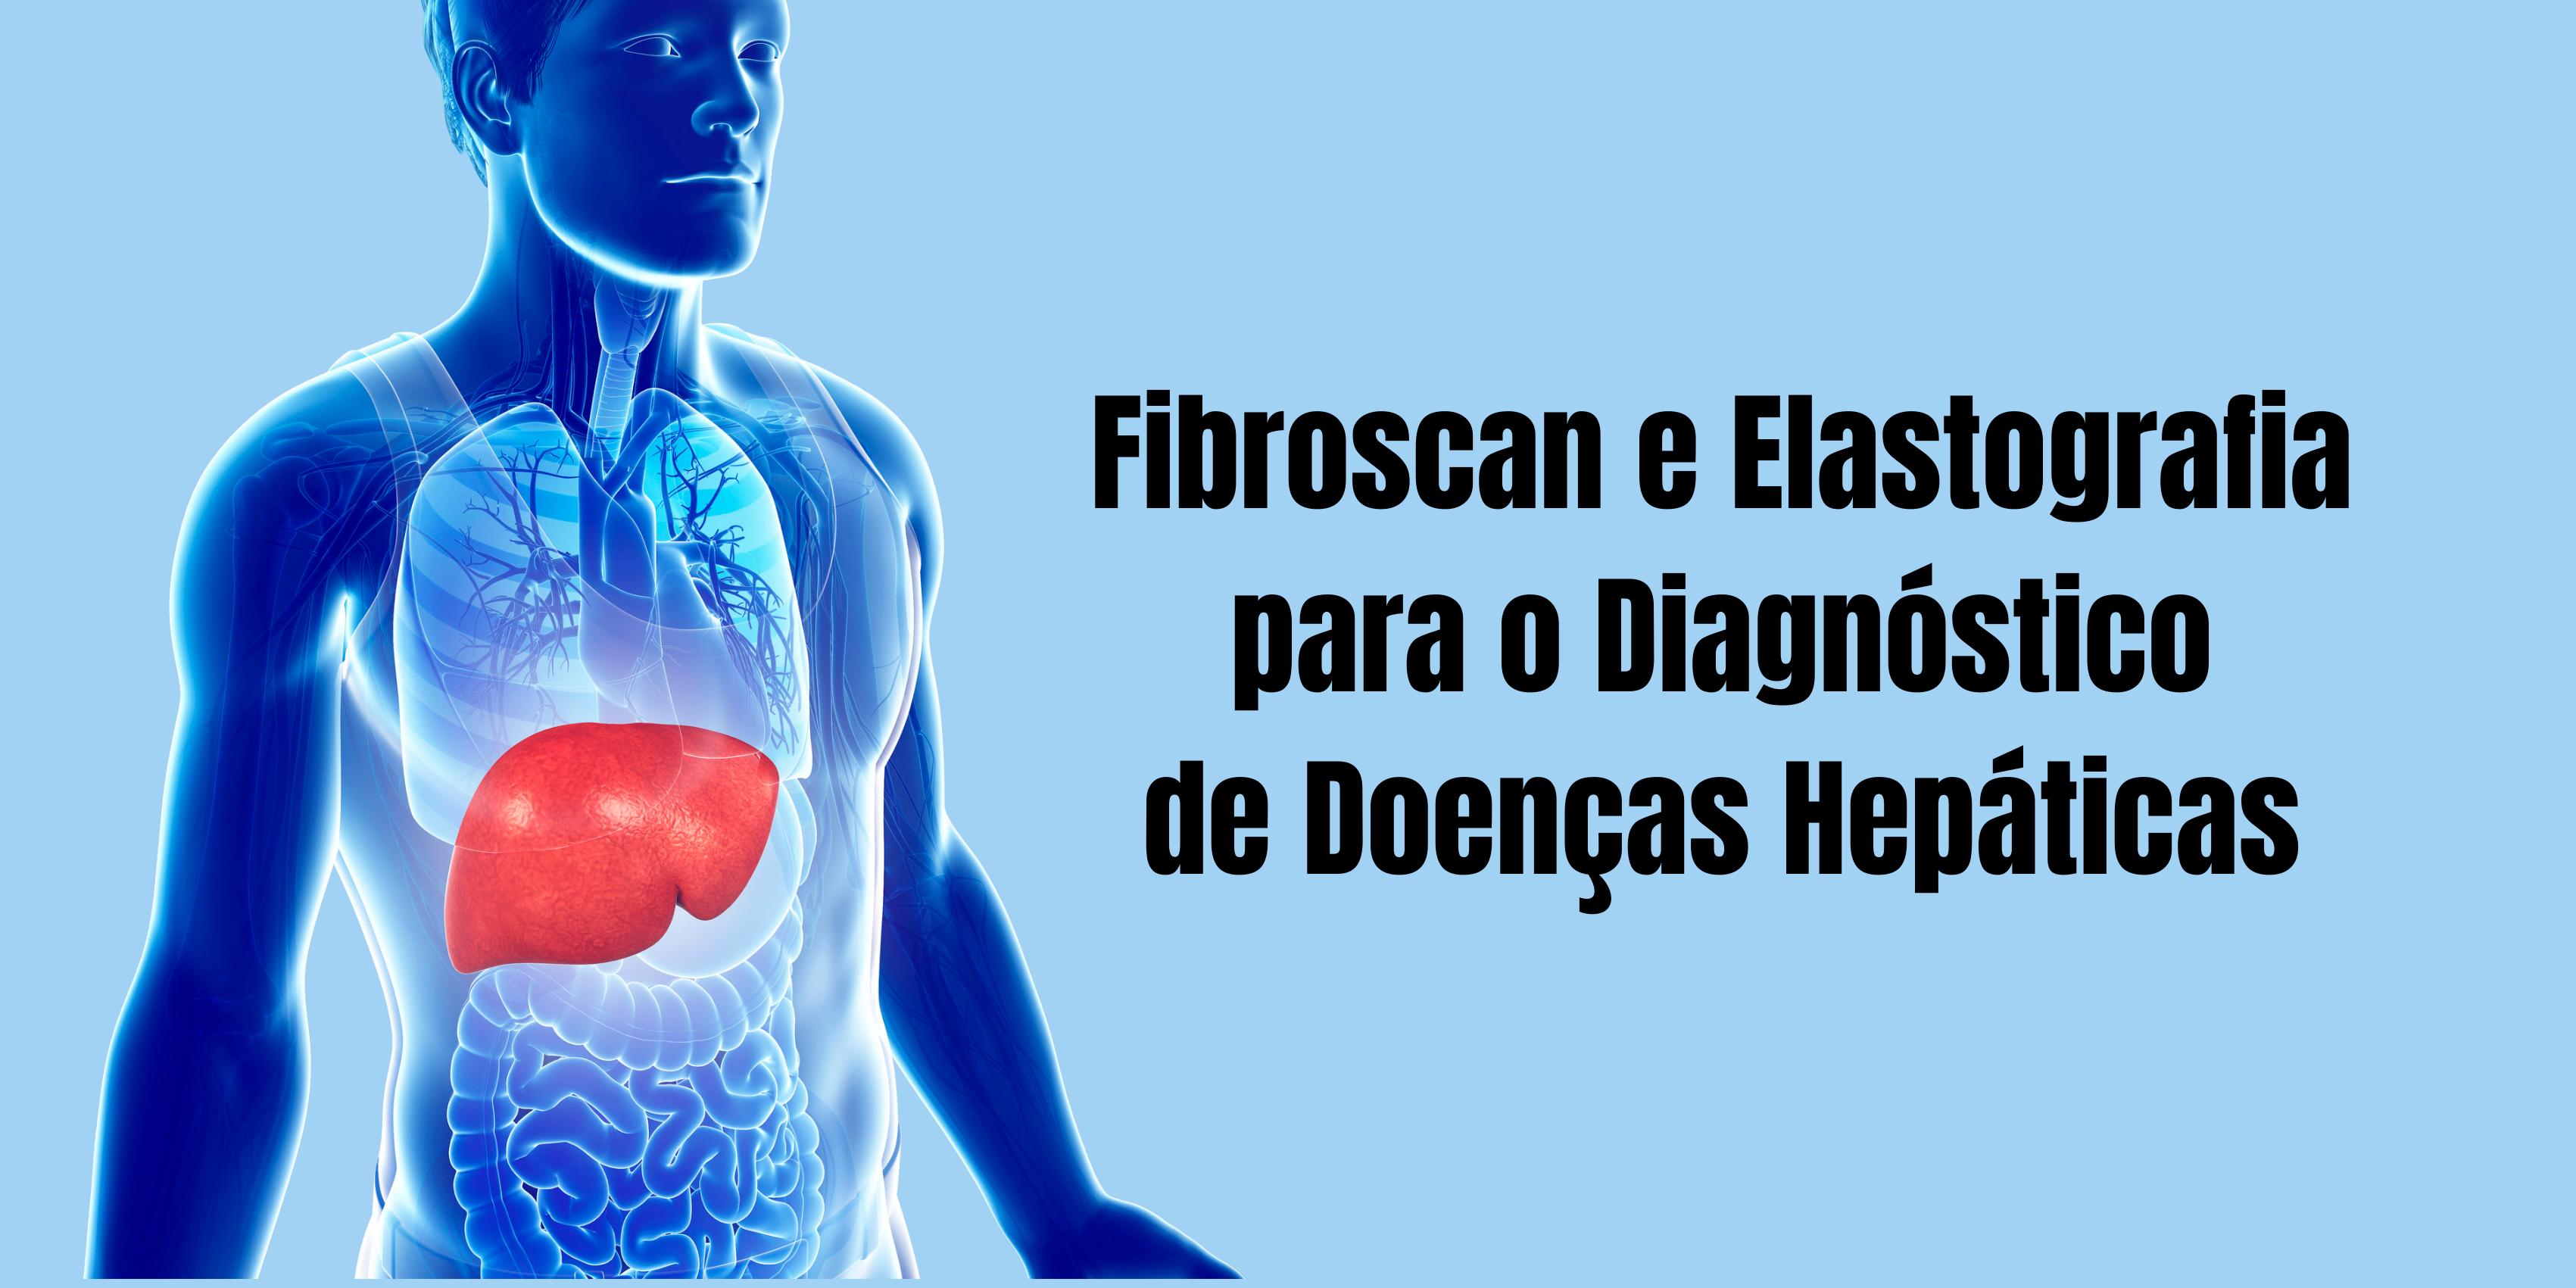 Akta Liv - endocrinologia e emagrecimento - Fibroscan e Elastografia hepática para o Diagnóstico de Doença Hepática